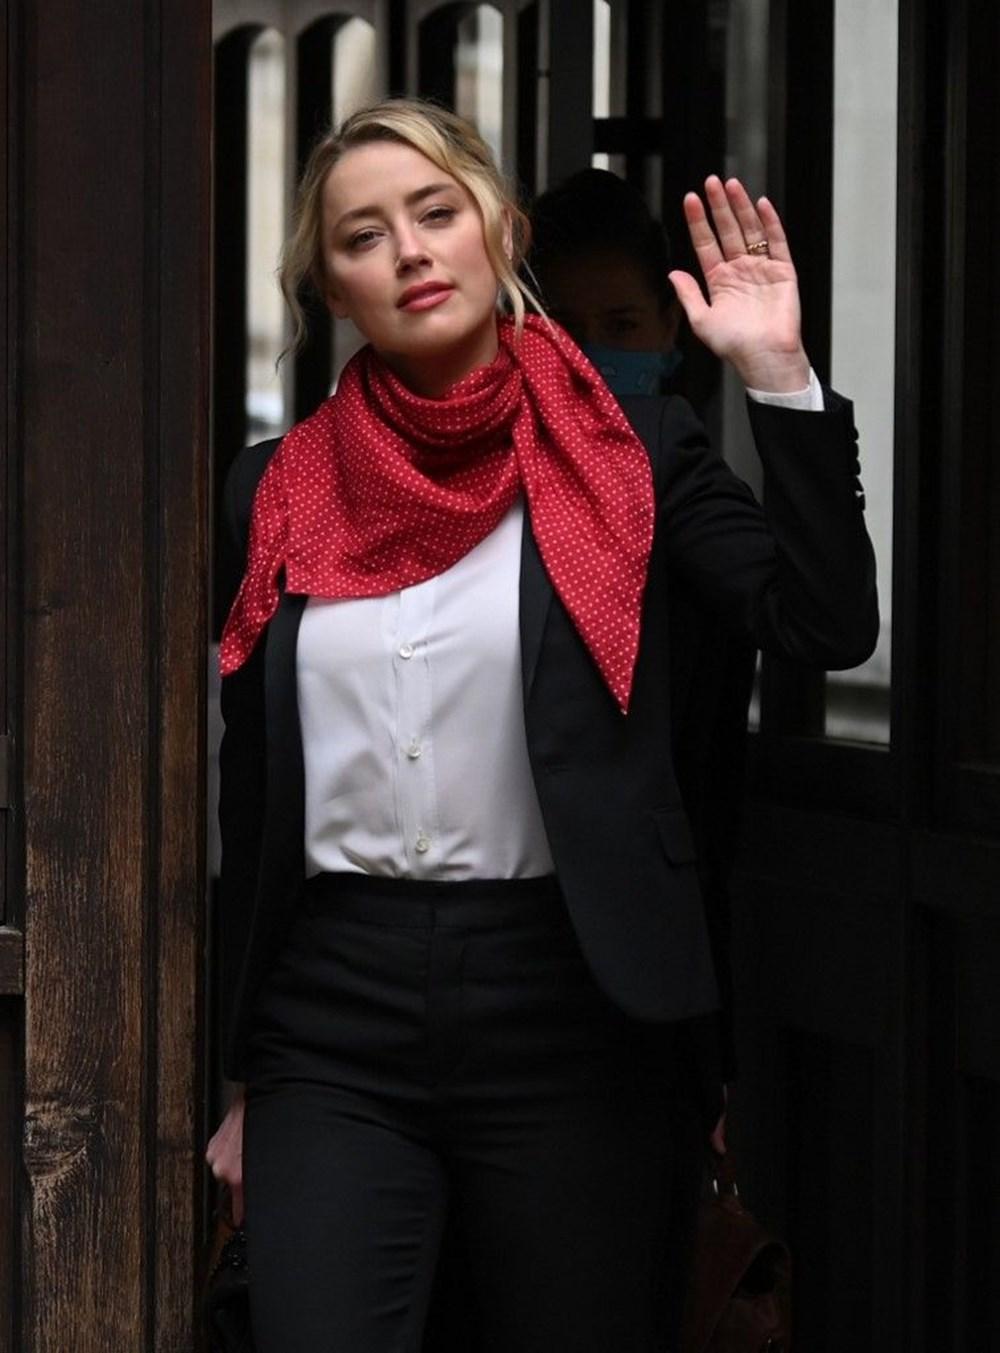 Johnny Depp'in iftira davasında Amber Heard'ın özel telefon mesajları ortaya çıktı - 9